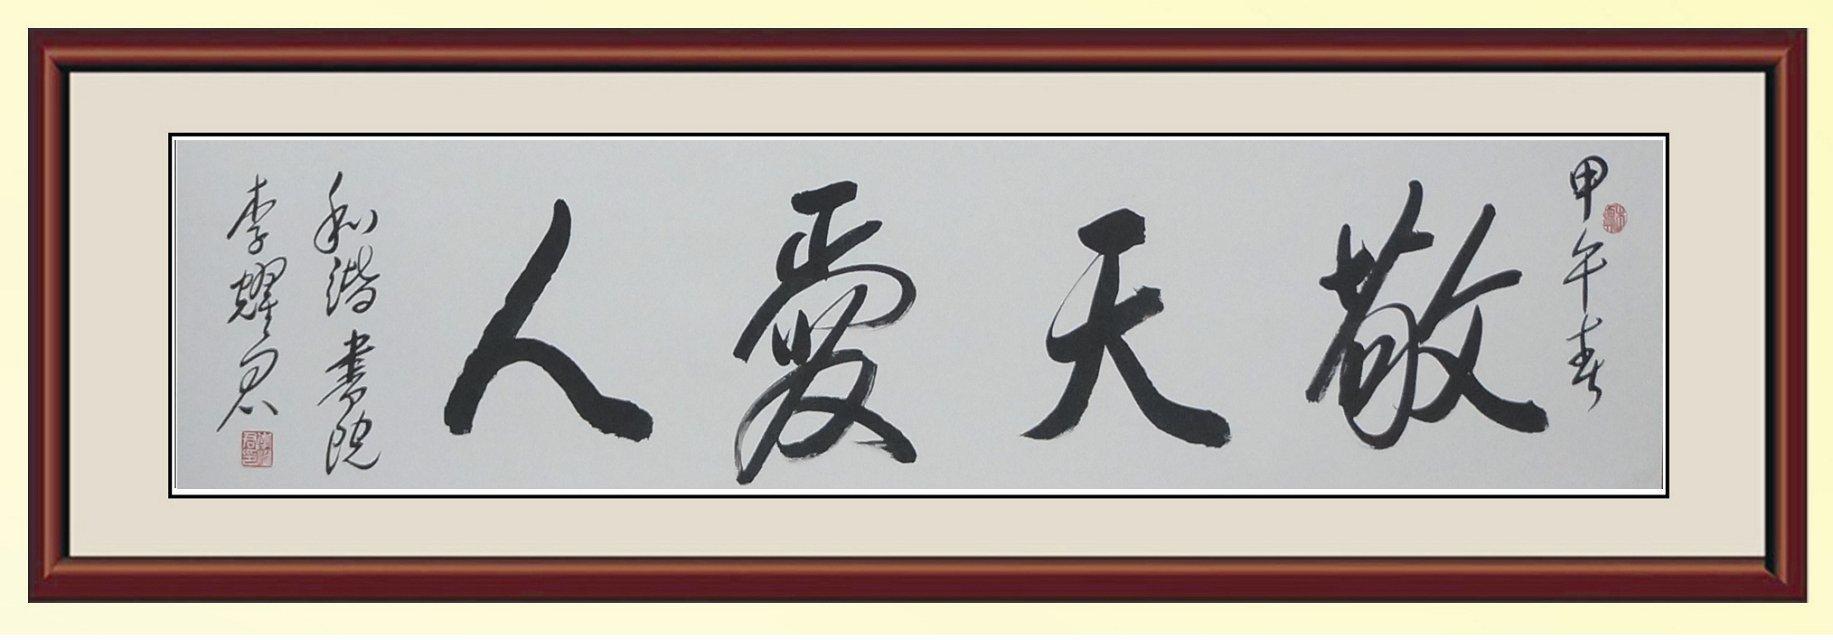 """李耀君书法""""习近平语:中国梦"""""""